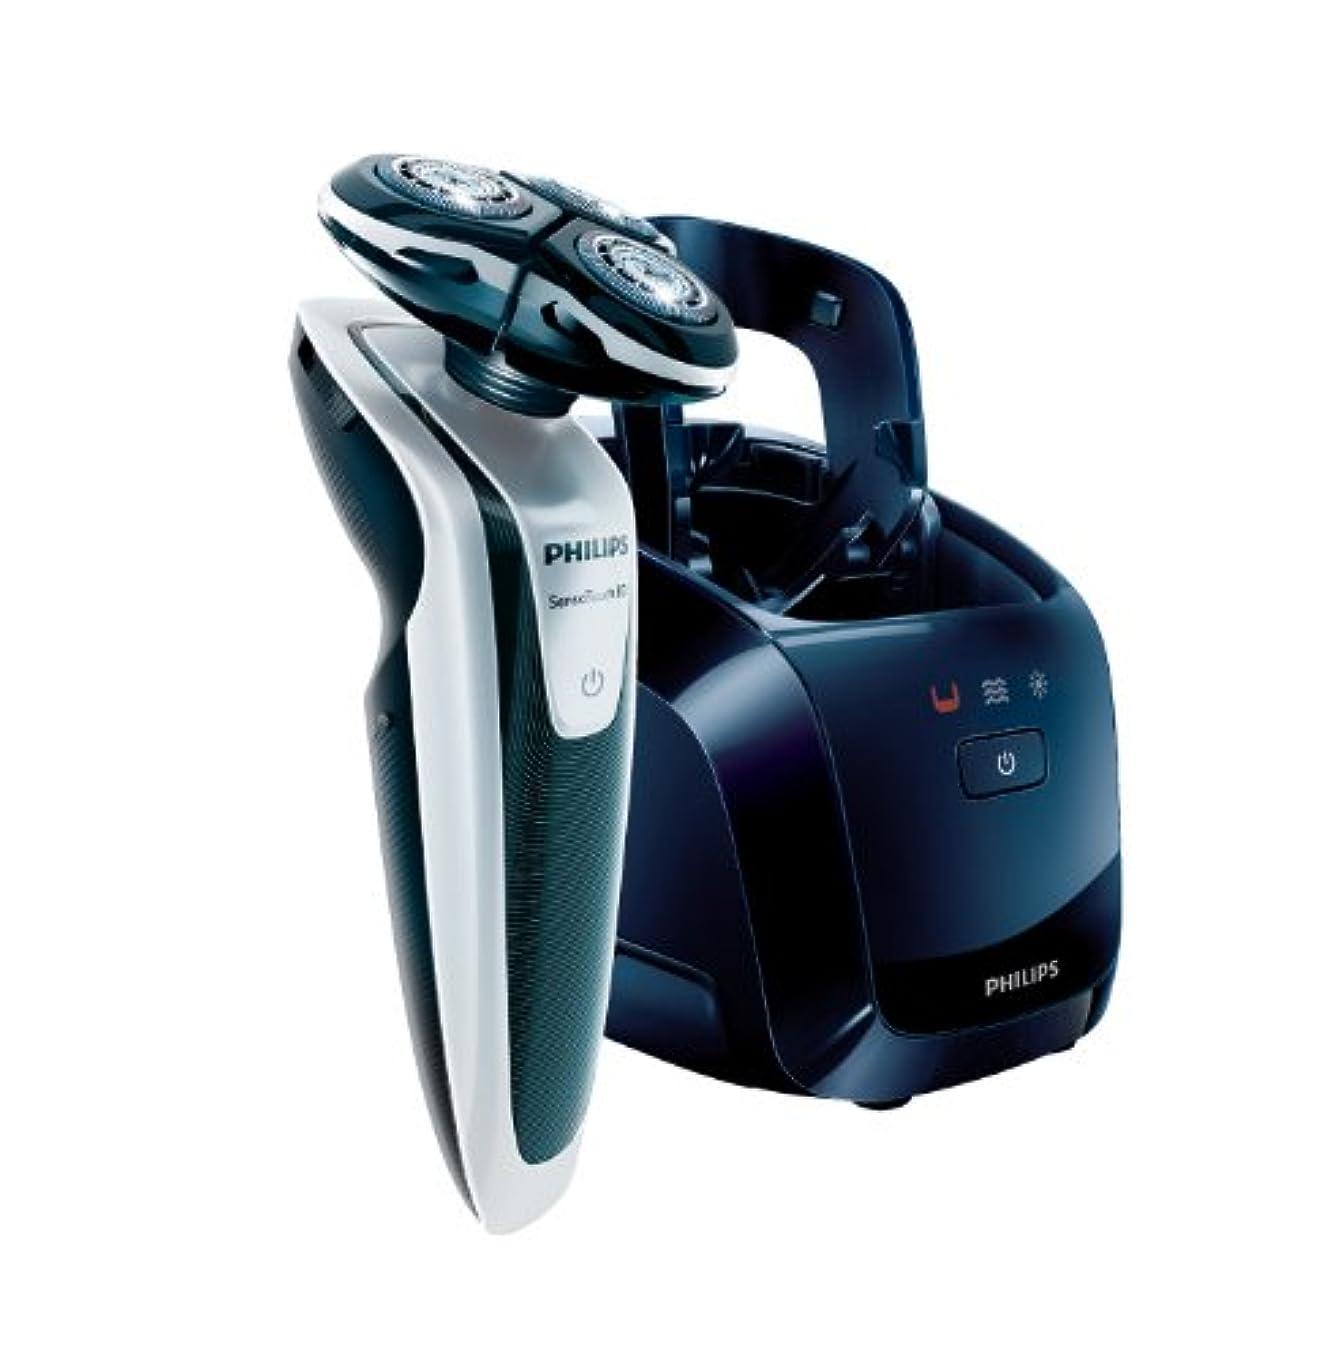 愛人ユーザー似ているフィリップス シェーバー センソタッチ3D【洗浄充電器付】RQ1251CC